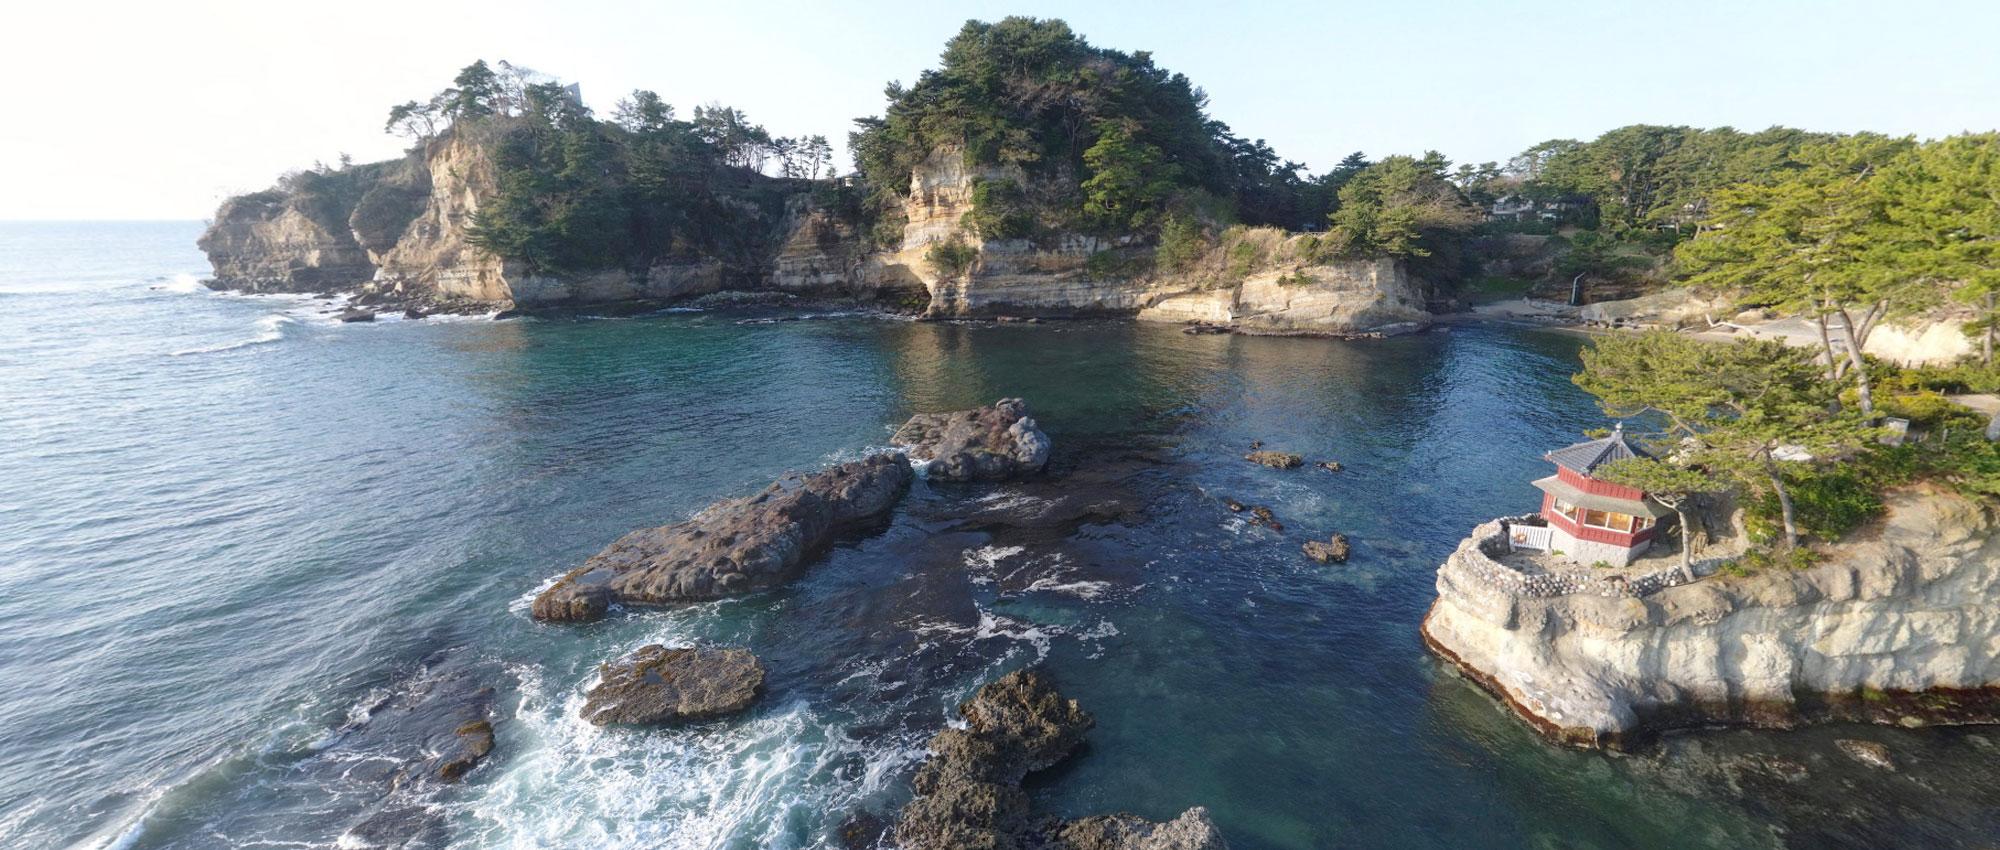 観光名所の五浦海岸・五浦温泉の写真